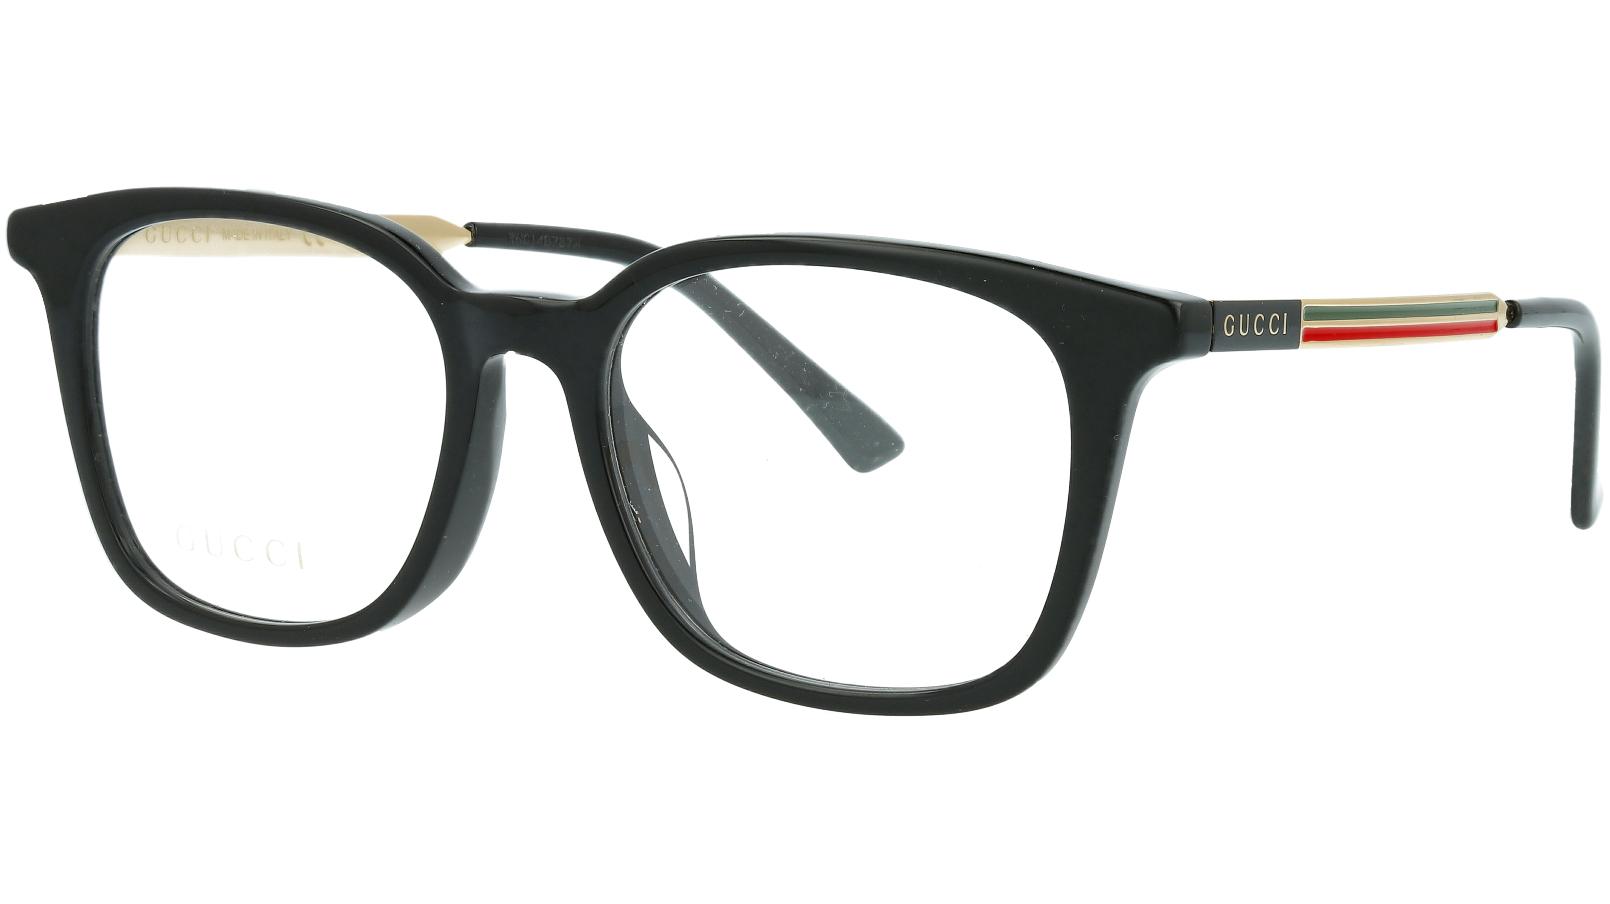 Gucci GG0831OA 001 52 Black Square Glasses